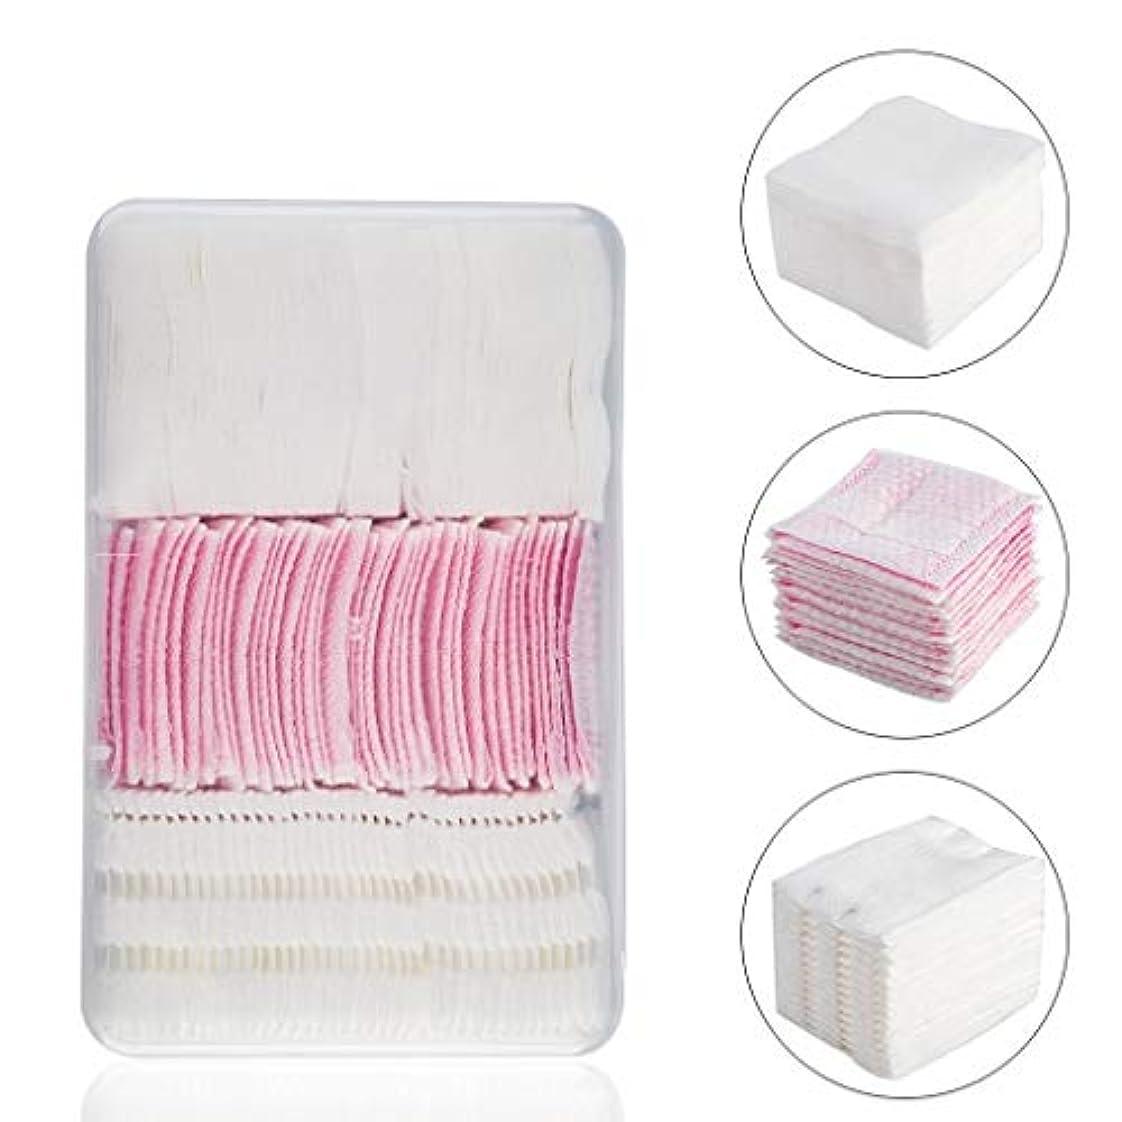 倉庫昆虫を見る受賞クレンジングシート コンビネーション使い捨て厚い綿パッド薄いパッドクリーニングワイパーリムーバーソフト多層クレンジングタオルタオルパッド (Color : White or Pink)